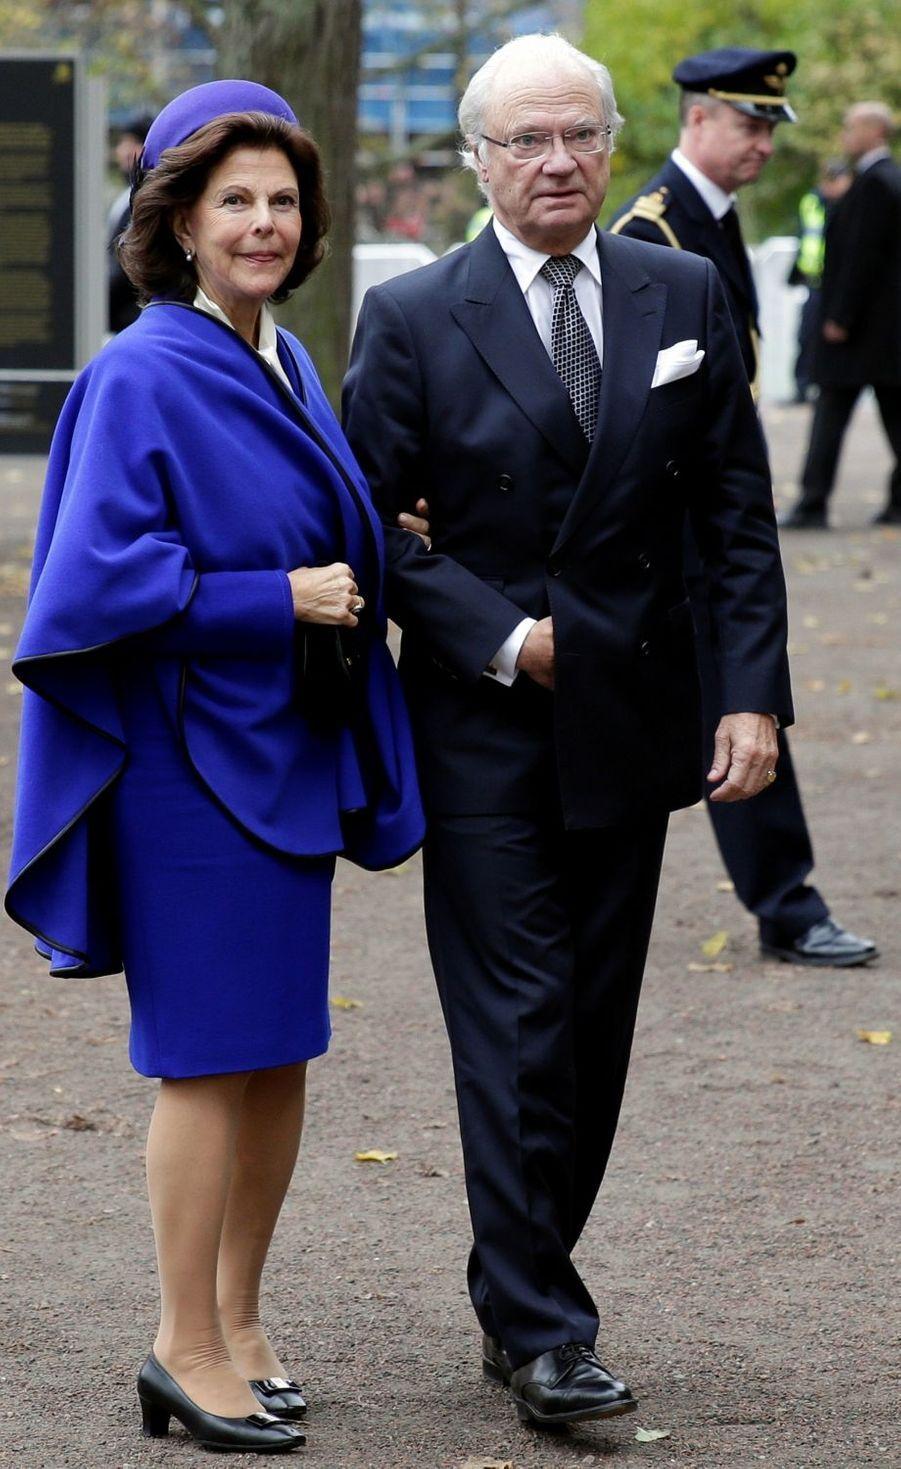 La reine Silvia et le roi Carl XVI Gustaf de Suède arrivent au palais royal de Lund, le 31 octobre 2016